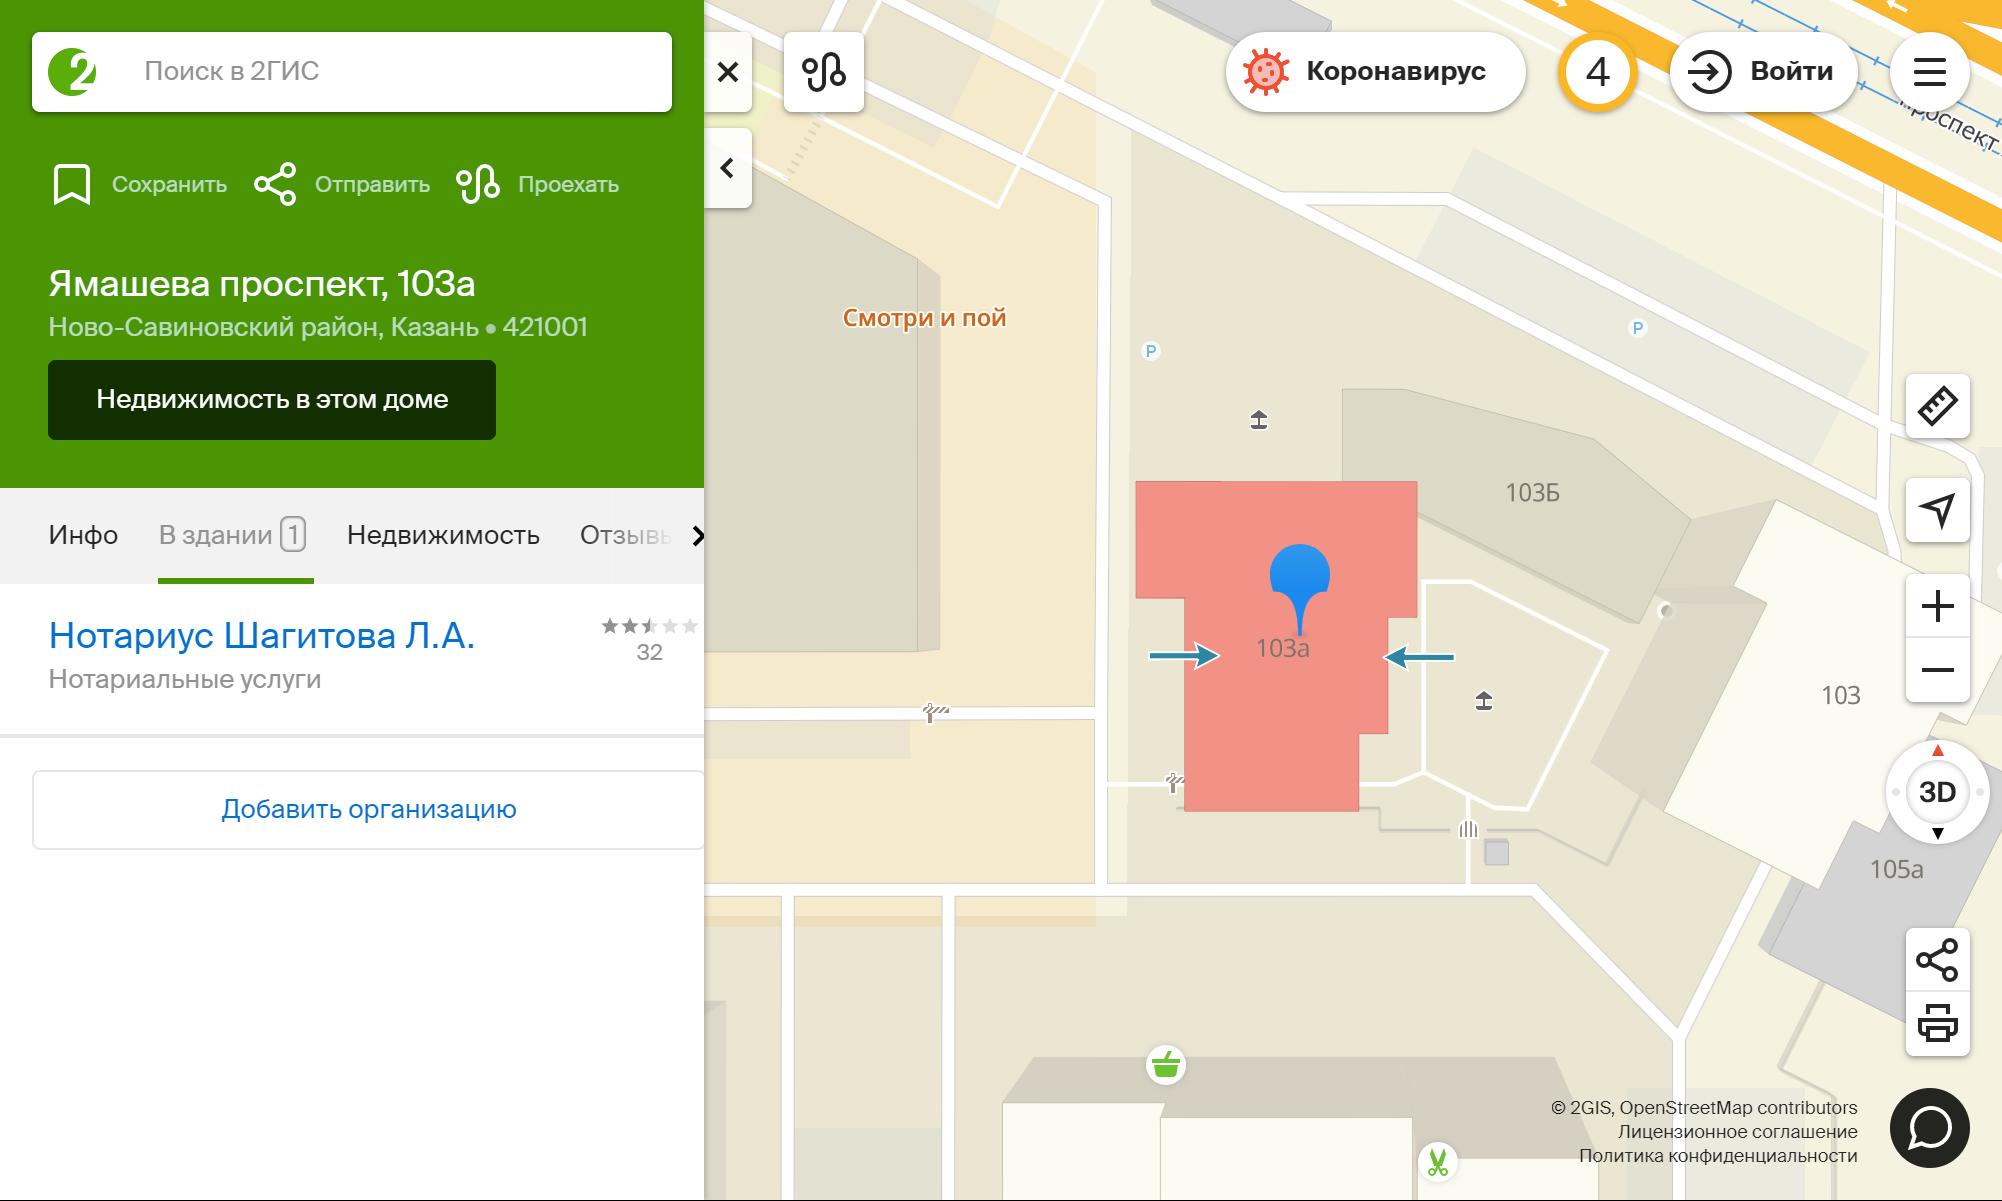 В доме 103А по проспекту Ямашева в Казани мне не удалось найти юридическую компанию. Только нотариуса — но они с долгами не работают